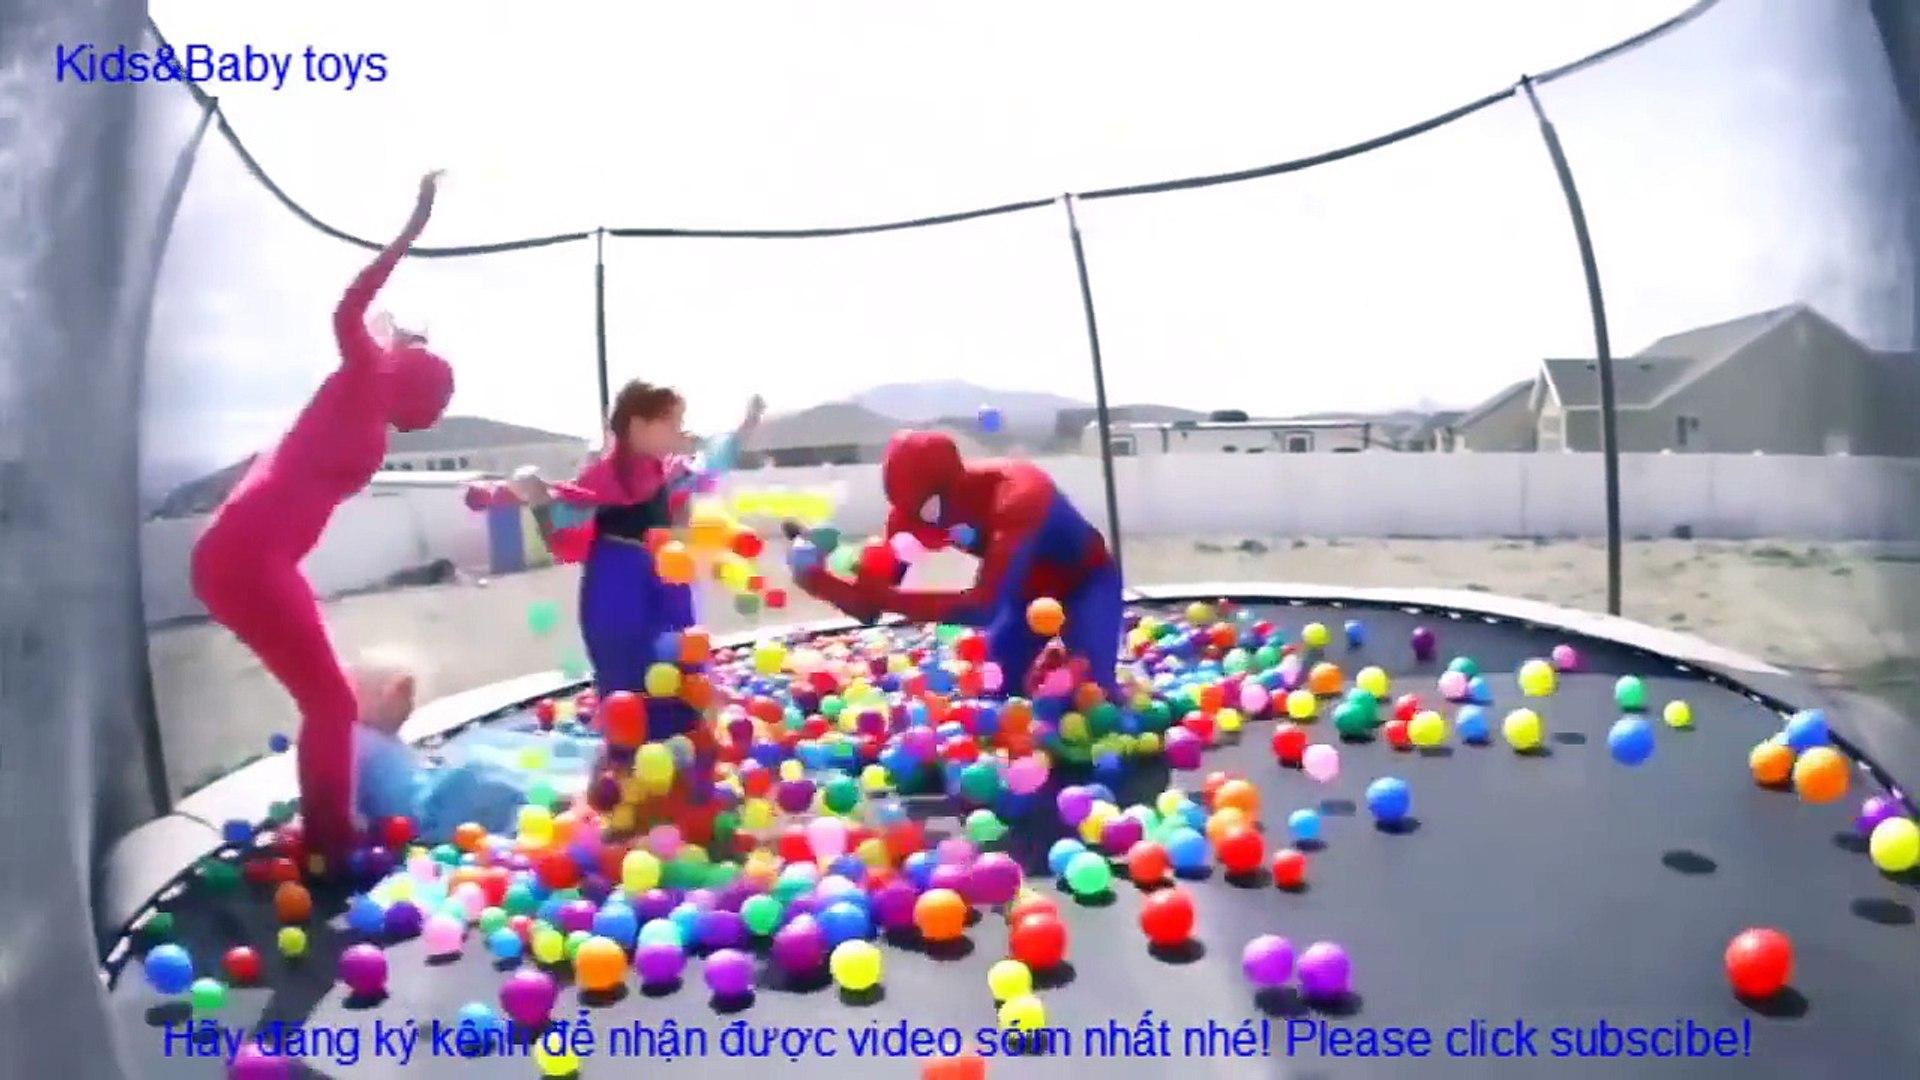 Người nhện và Nữ hoàng băng giá Elsa - Cuộc sống hàng ngày cùng joker, huk bọn trẻ chơi đùa